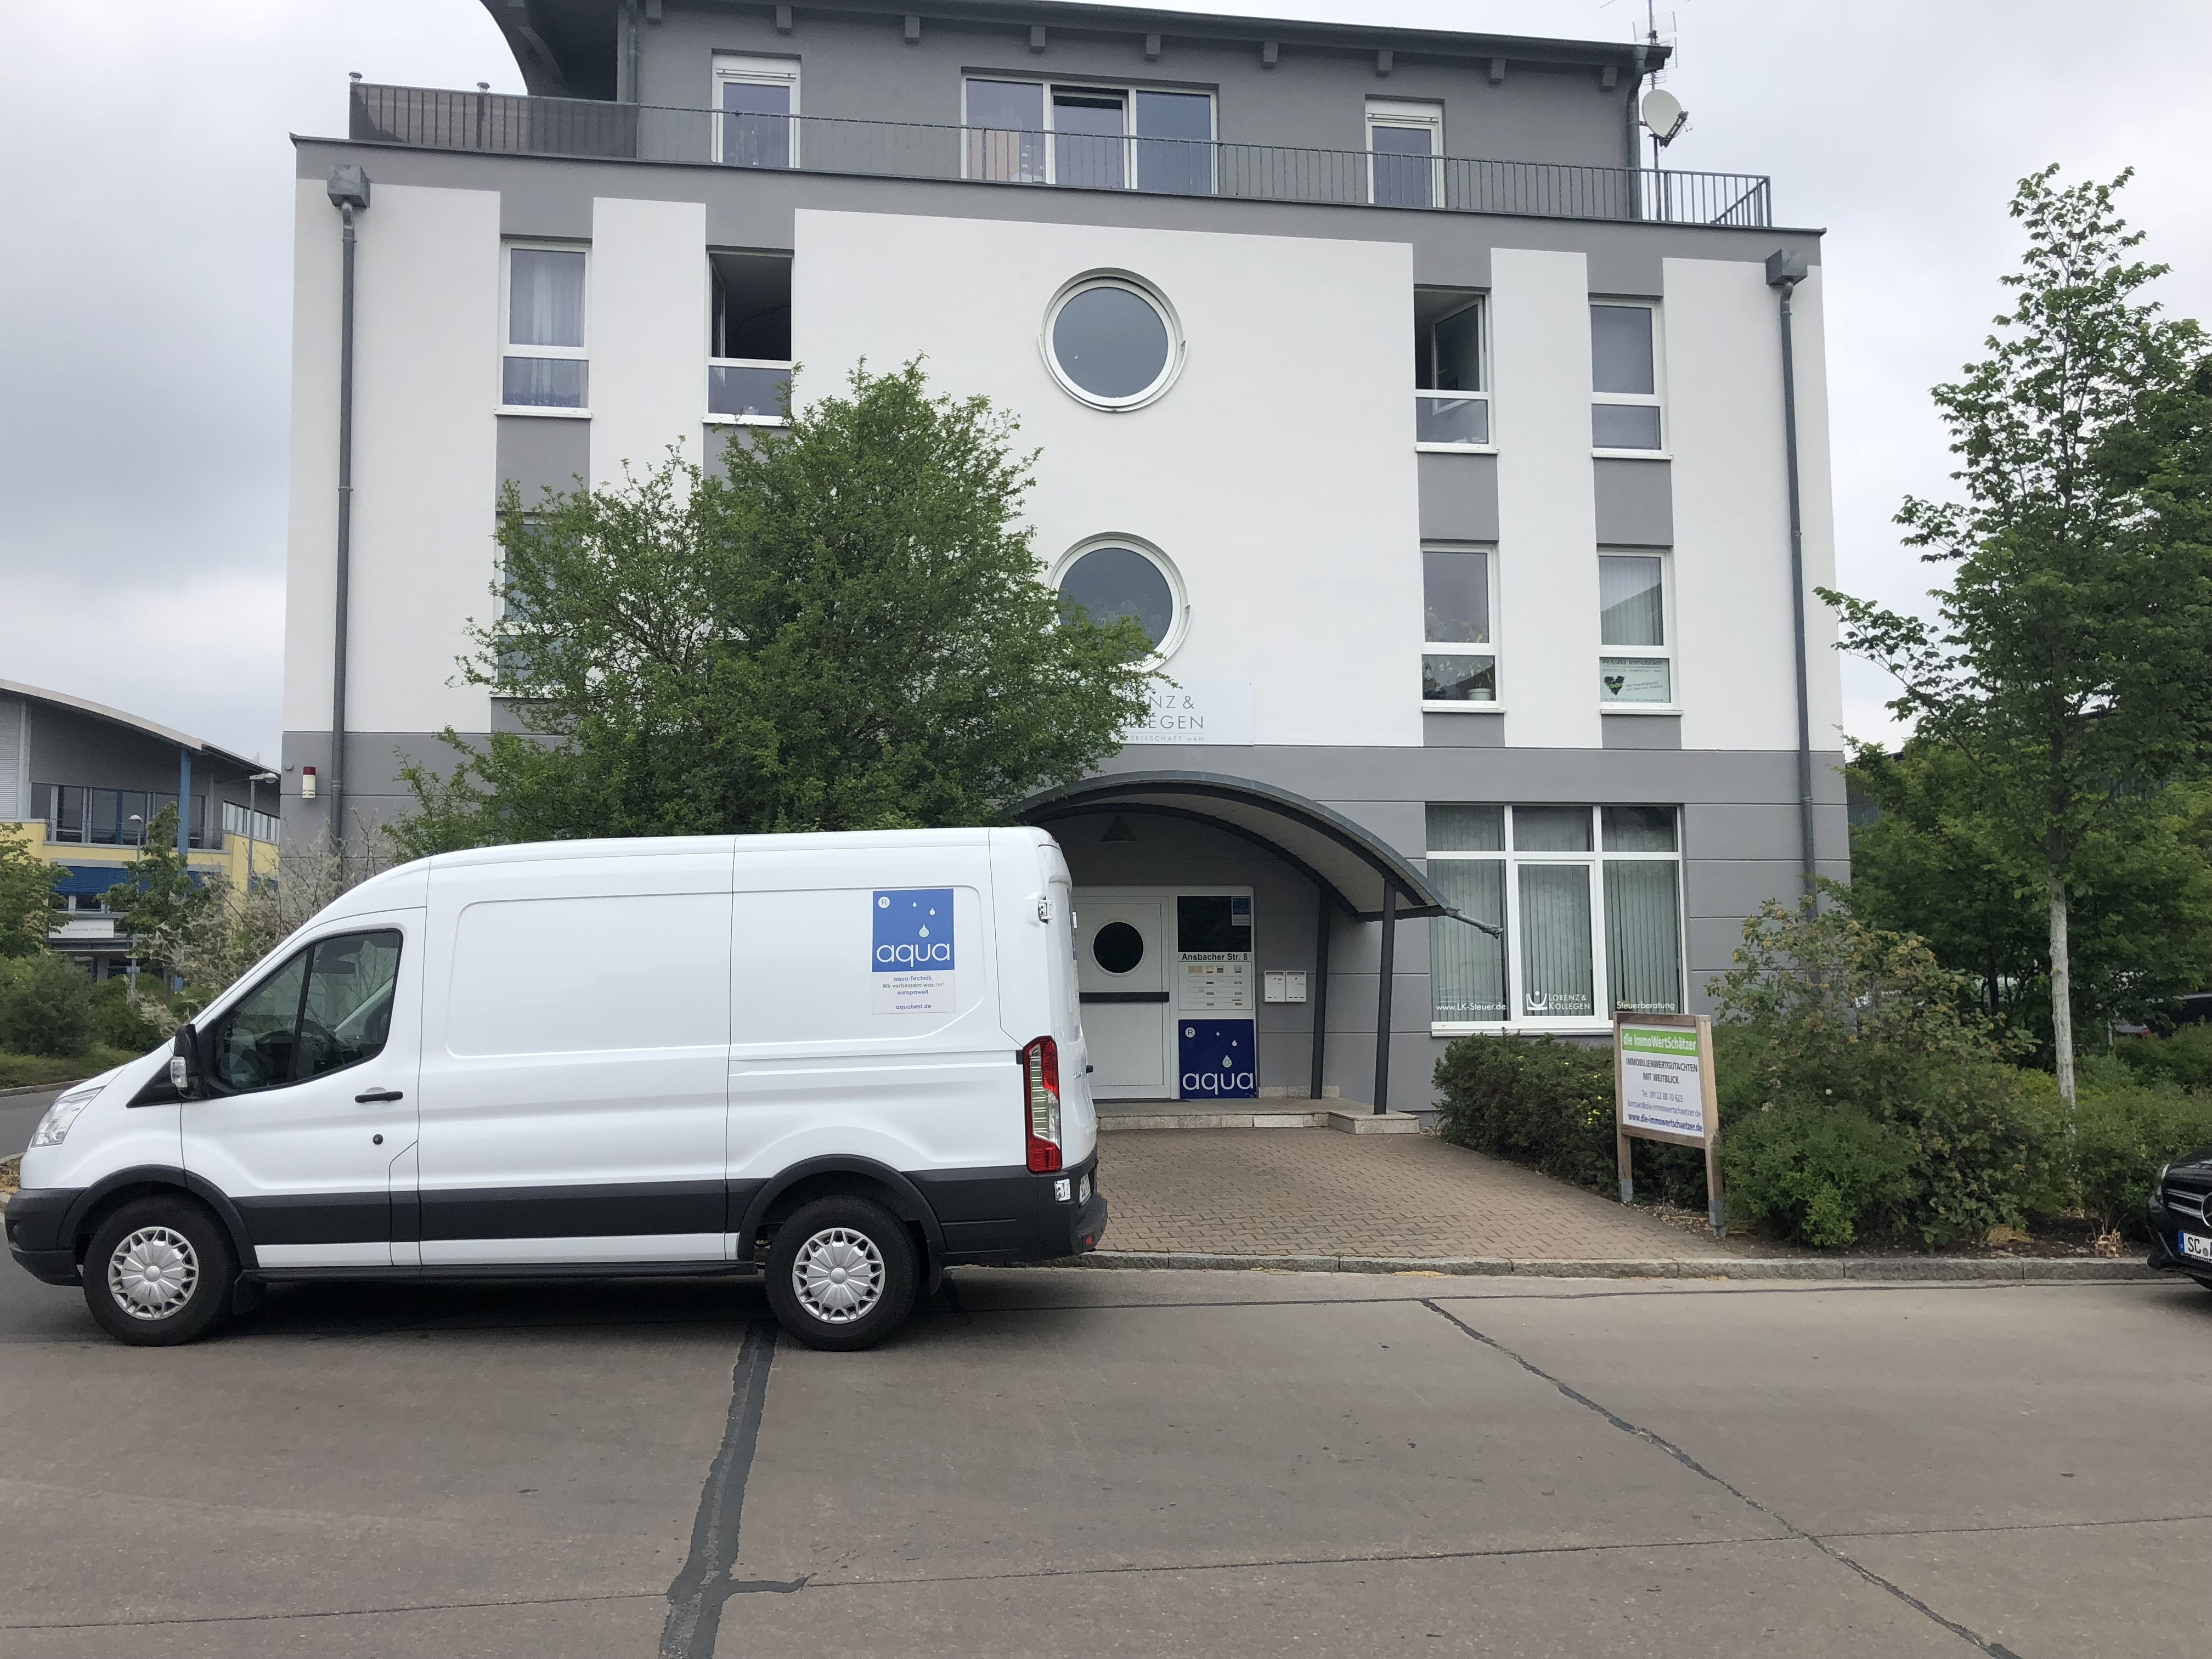 Wasseraufbereitung für die Industrie: Firmensitz und Firmenwagen der aqua-Technik Beratungs Gmbh in Schwabach